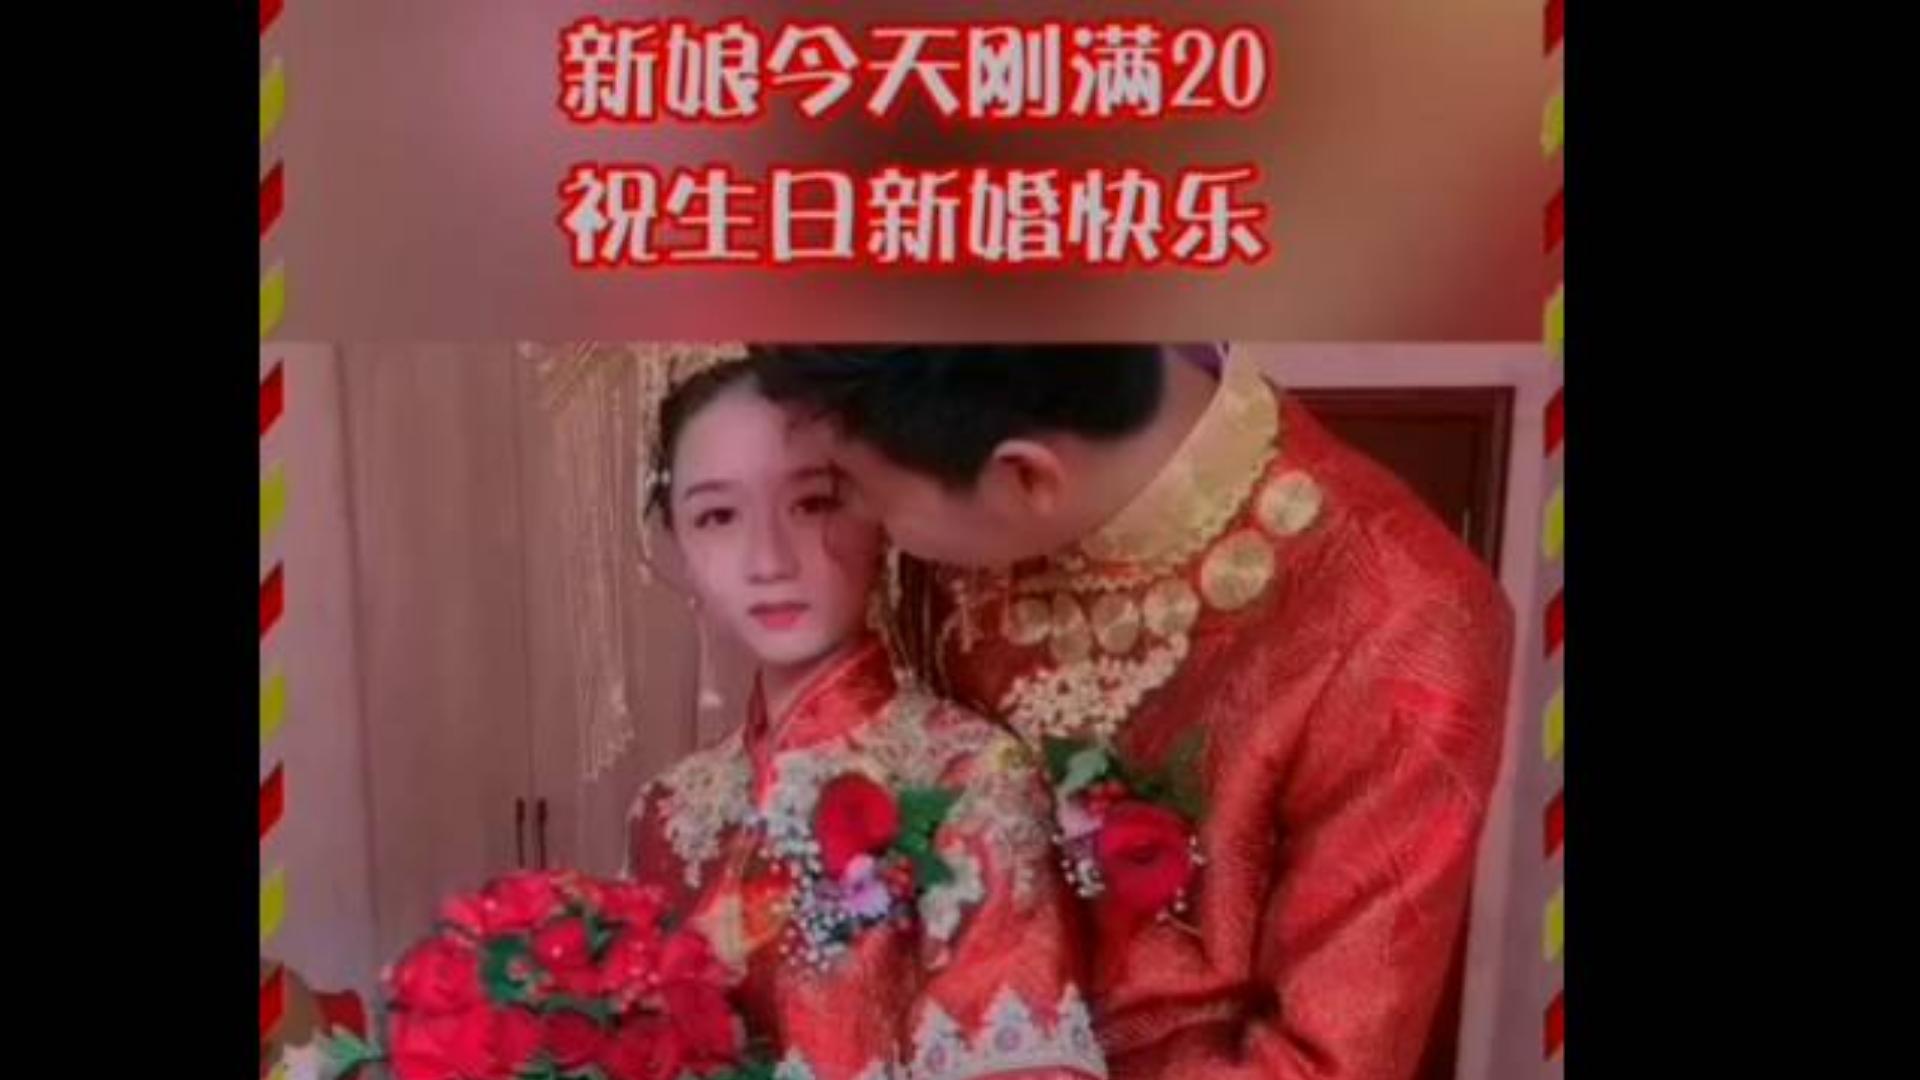 康康那些奇葩的新娘新郎,下一个结婚的就是你了!